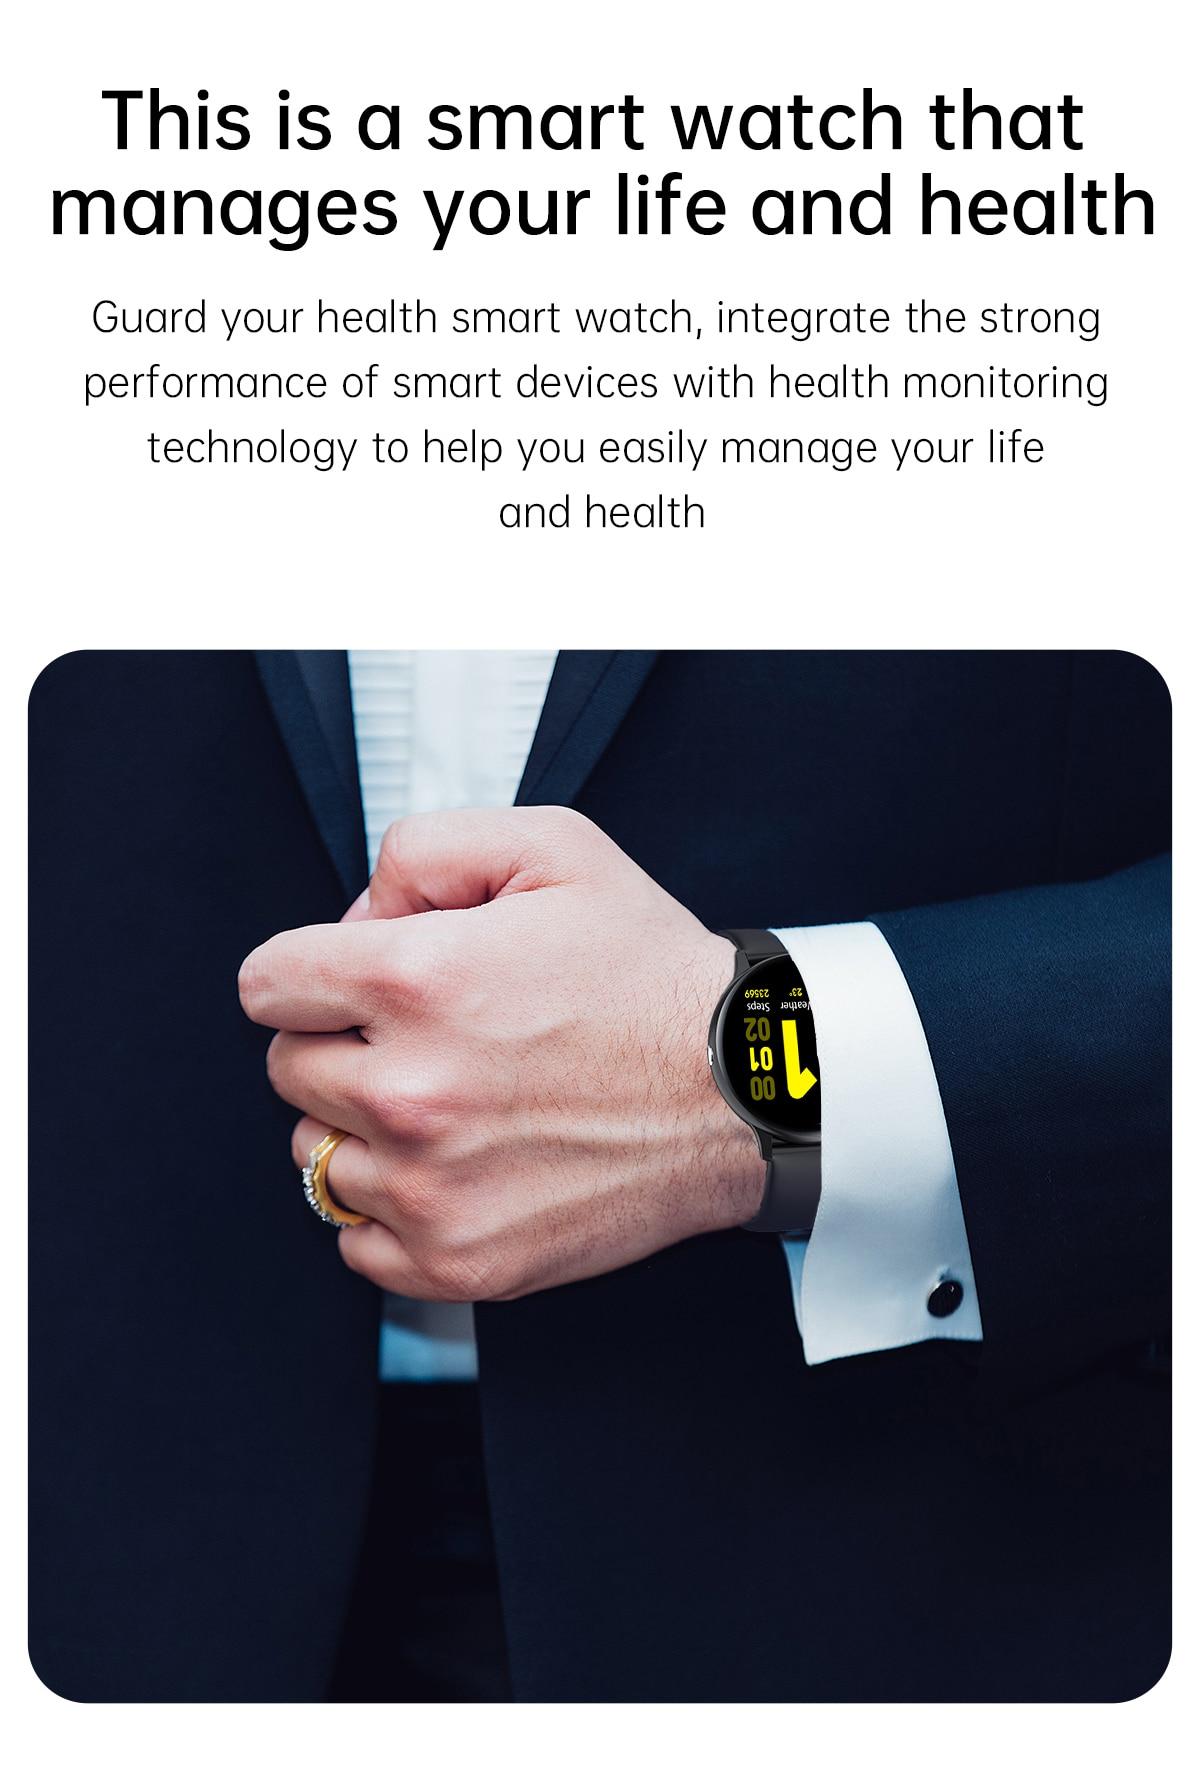 Hf4cc74e89b1e48de8232003b263036817 LIGE 2021 Bluetooth Answer Call Smart Watch Men Full Touch Dial Call Fitness Tracker IP67 Waterproof 4G ROM Smartwatch for women